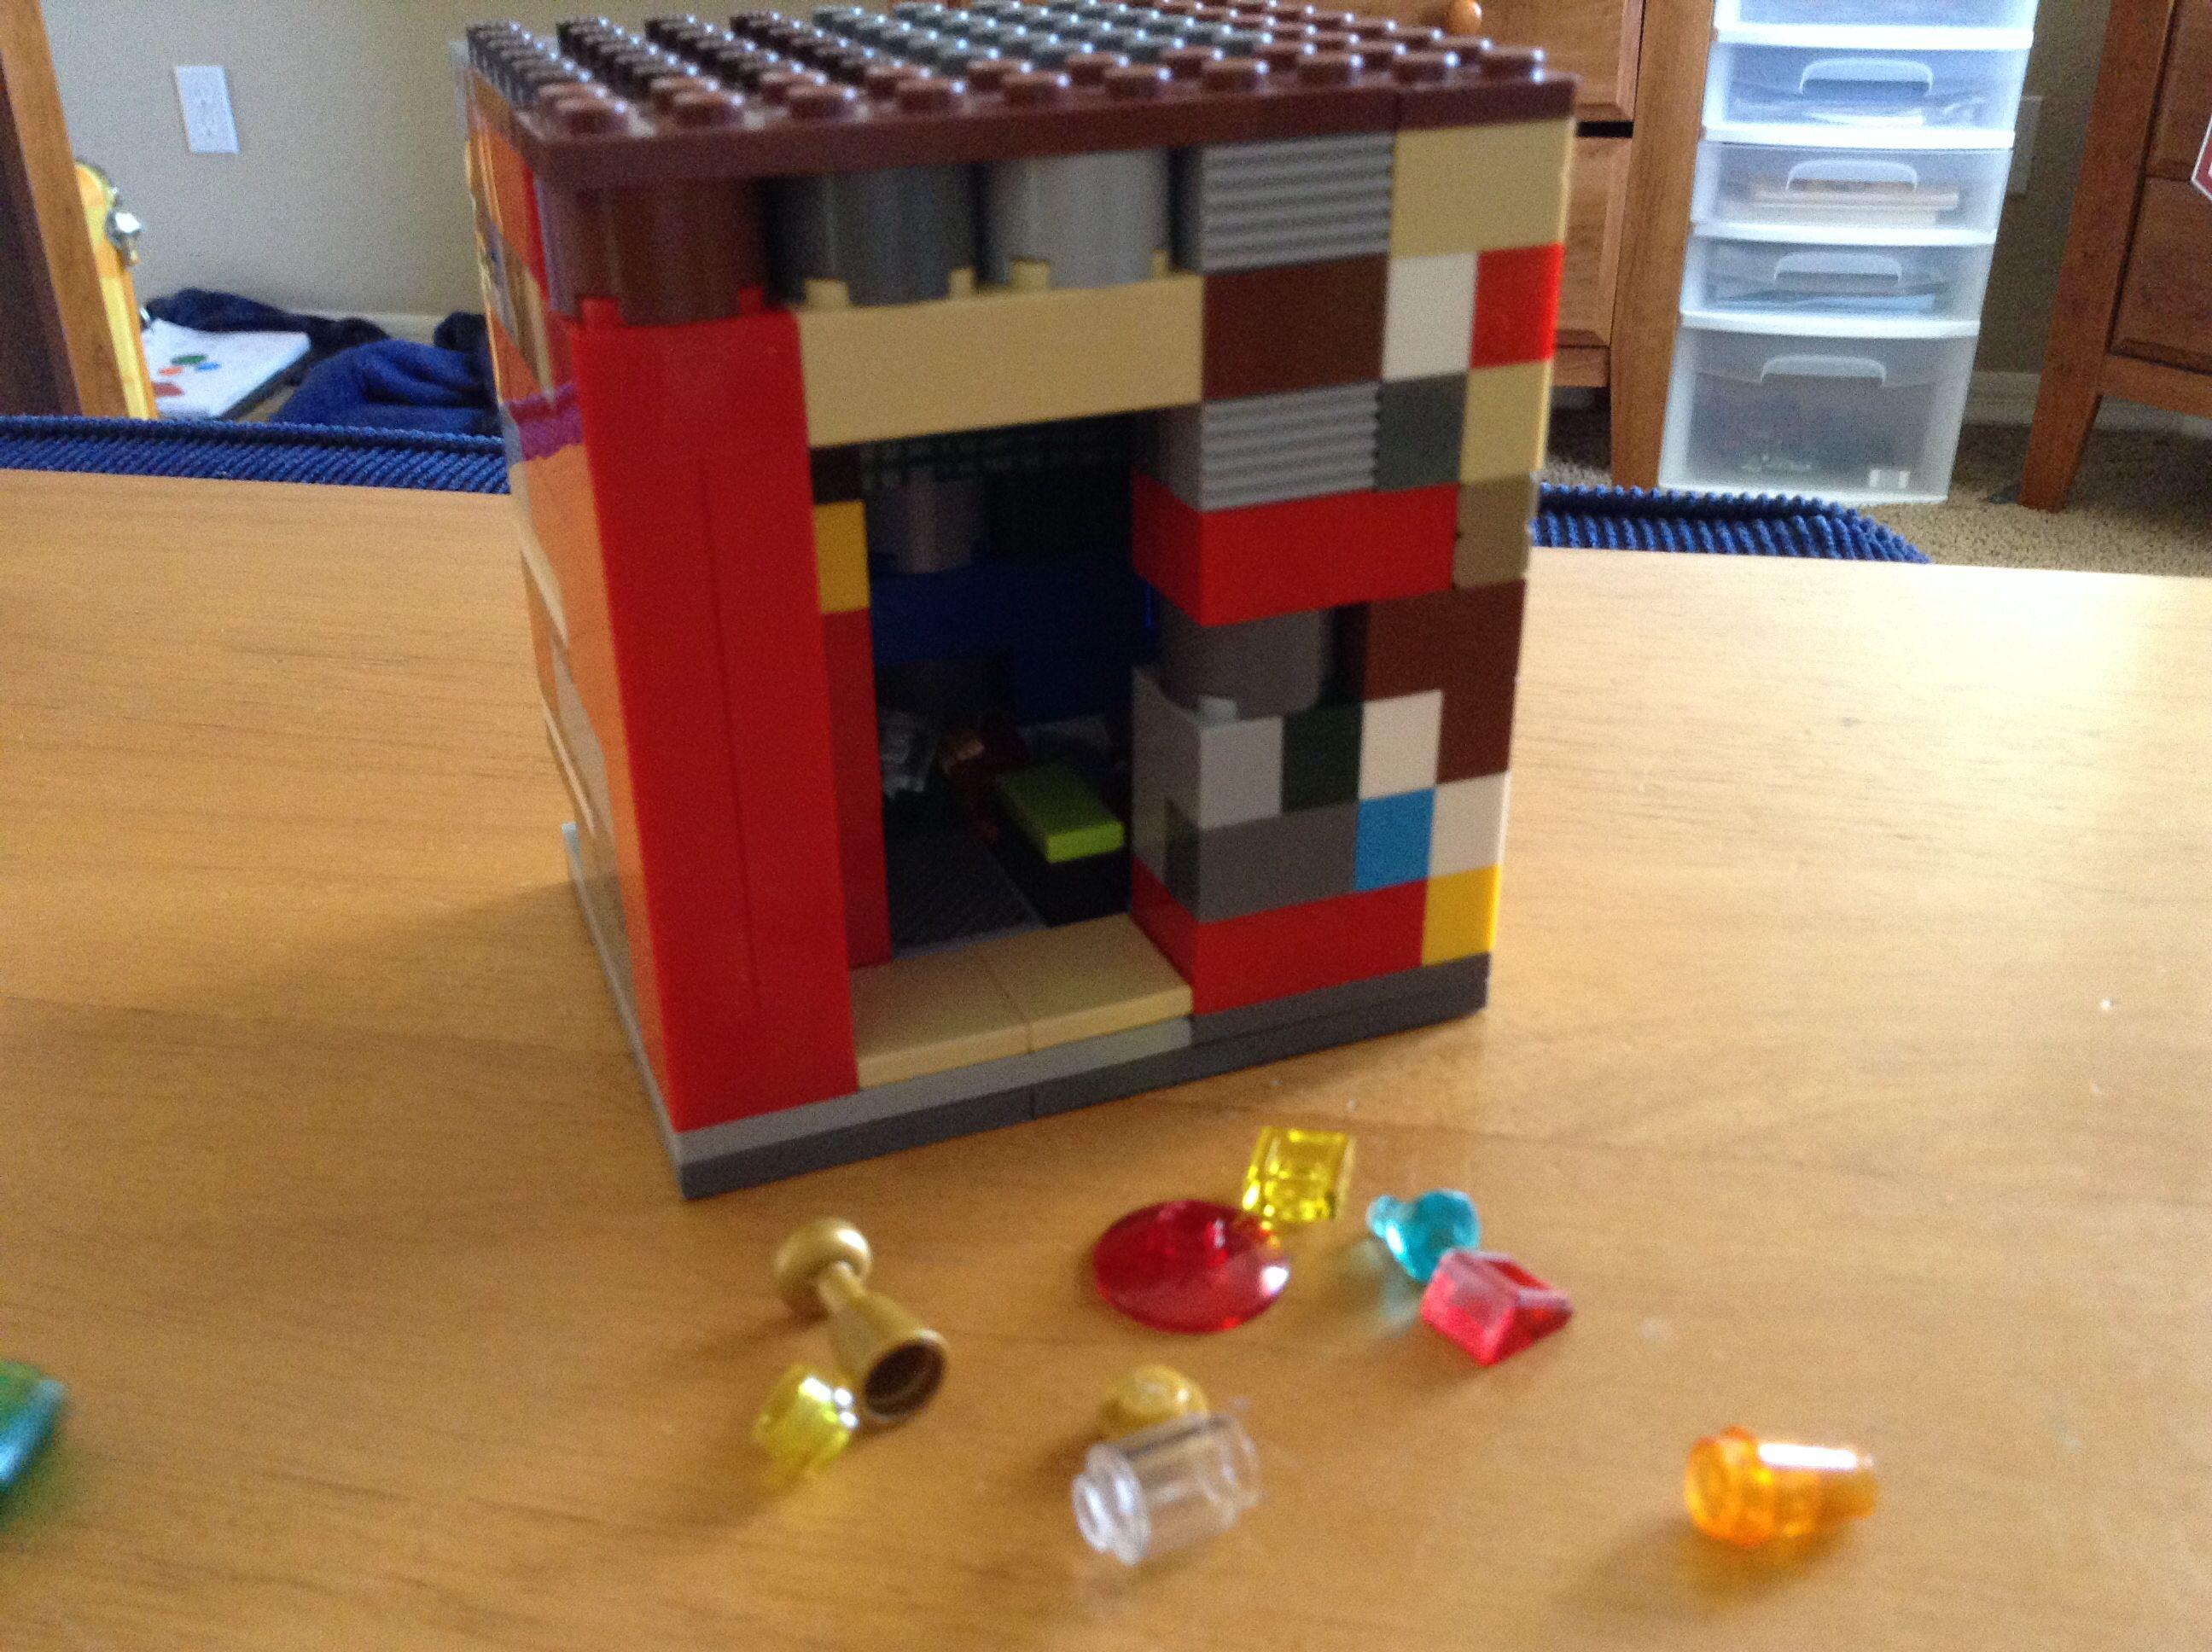 Lego safe, it's has a door, and I don't know how to put double pics